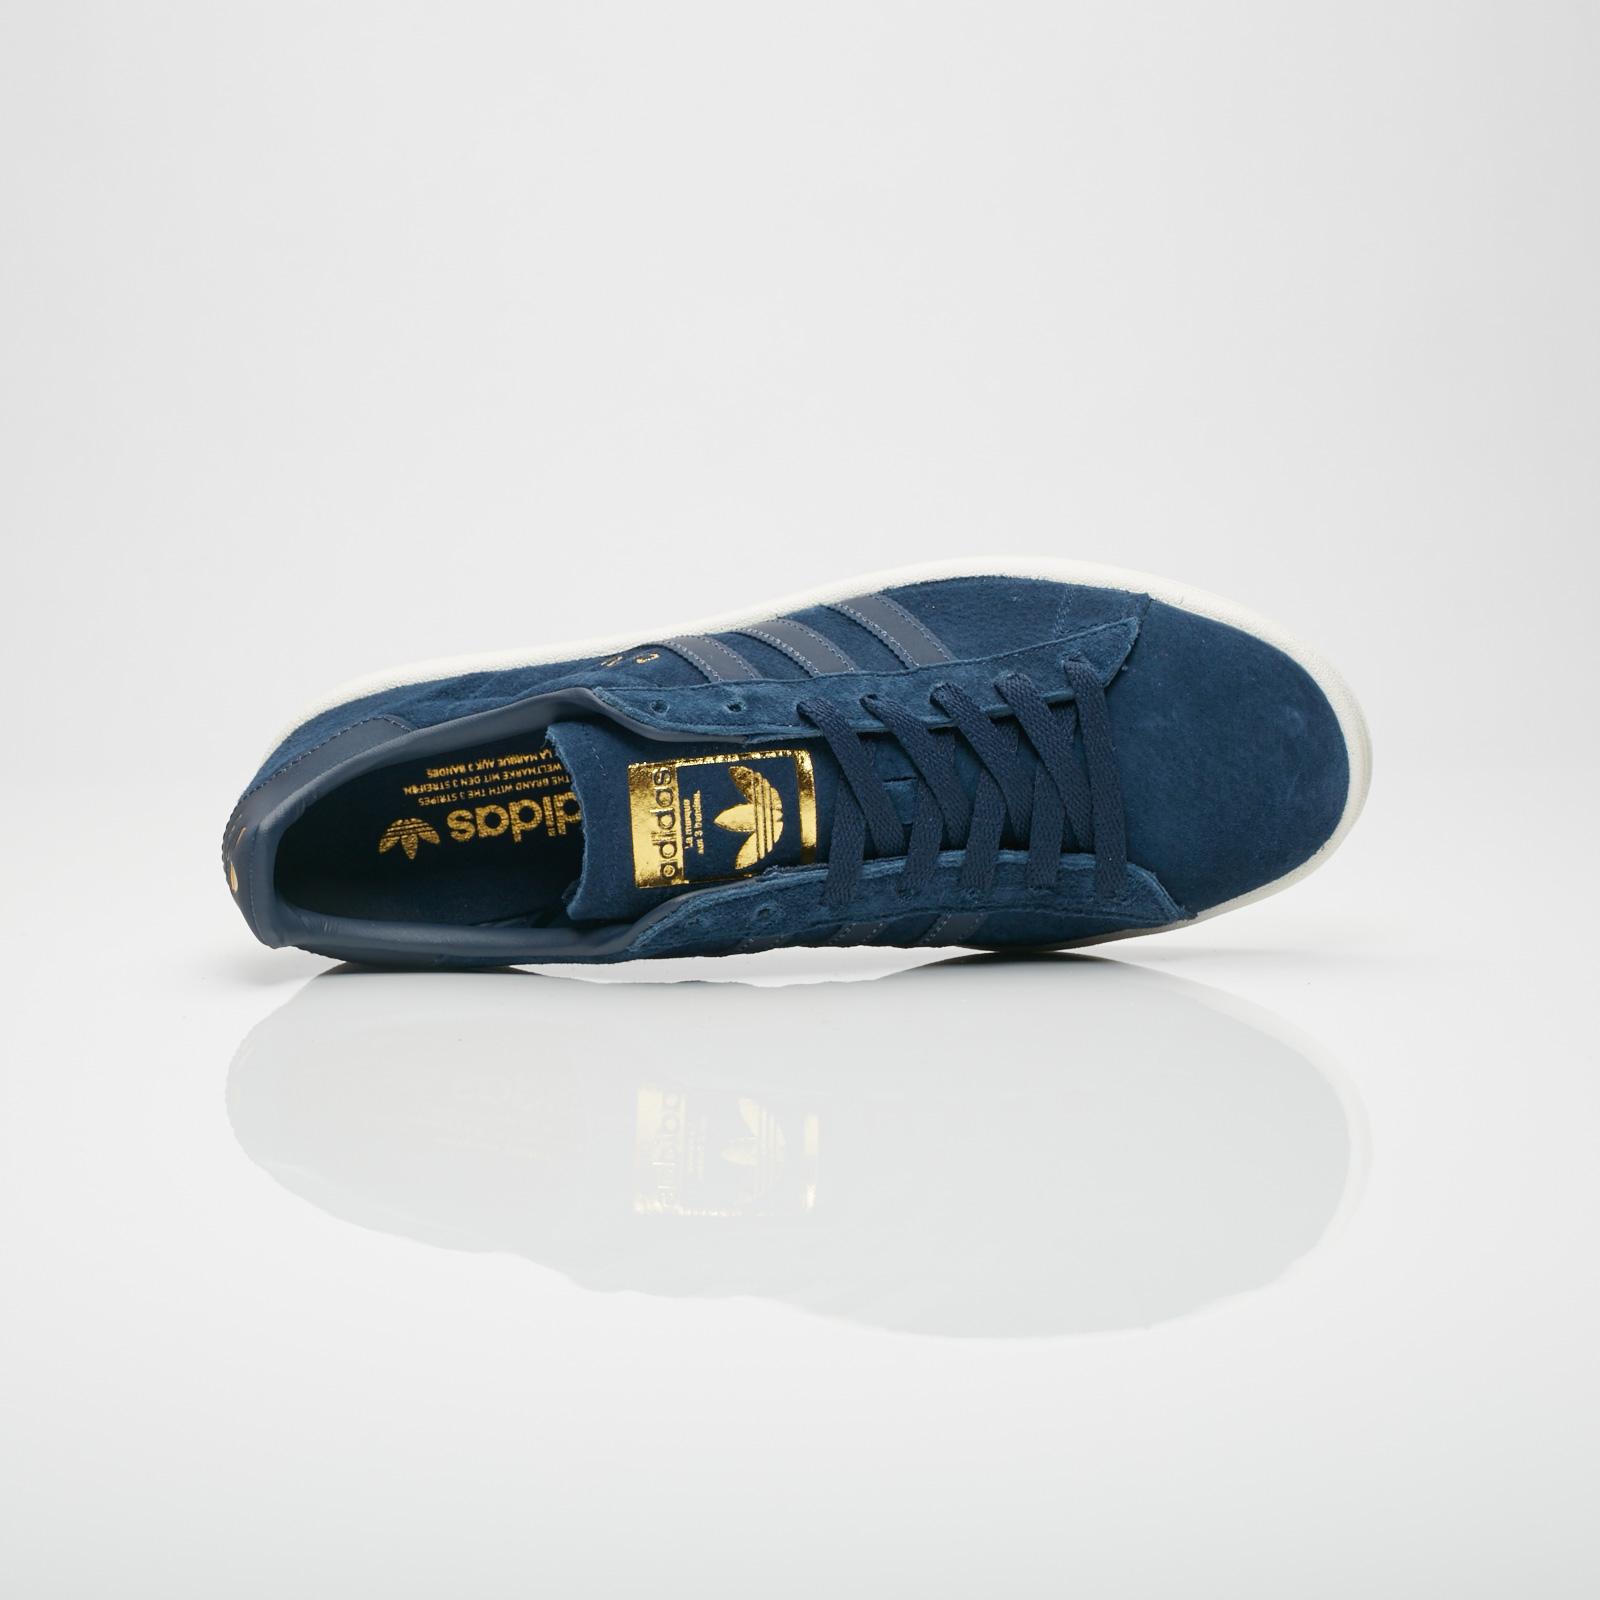 huge discount 111a5 d9c7e ... adidas Originals Campus ...